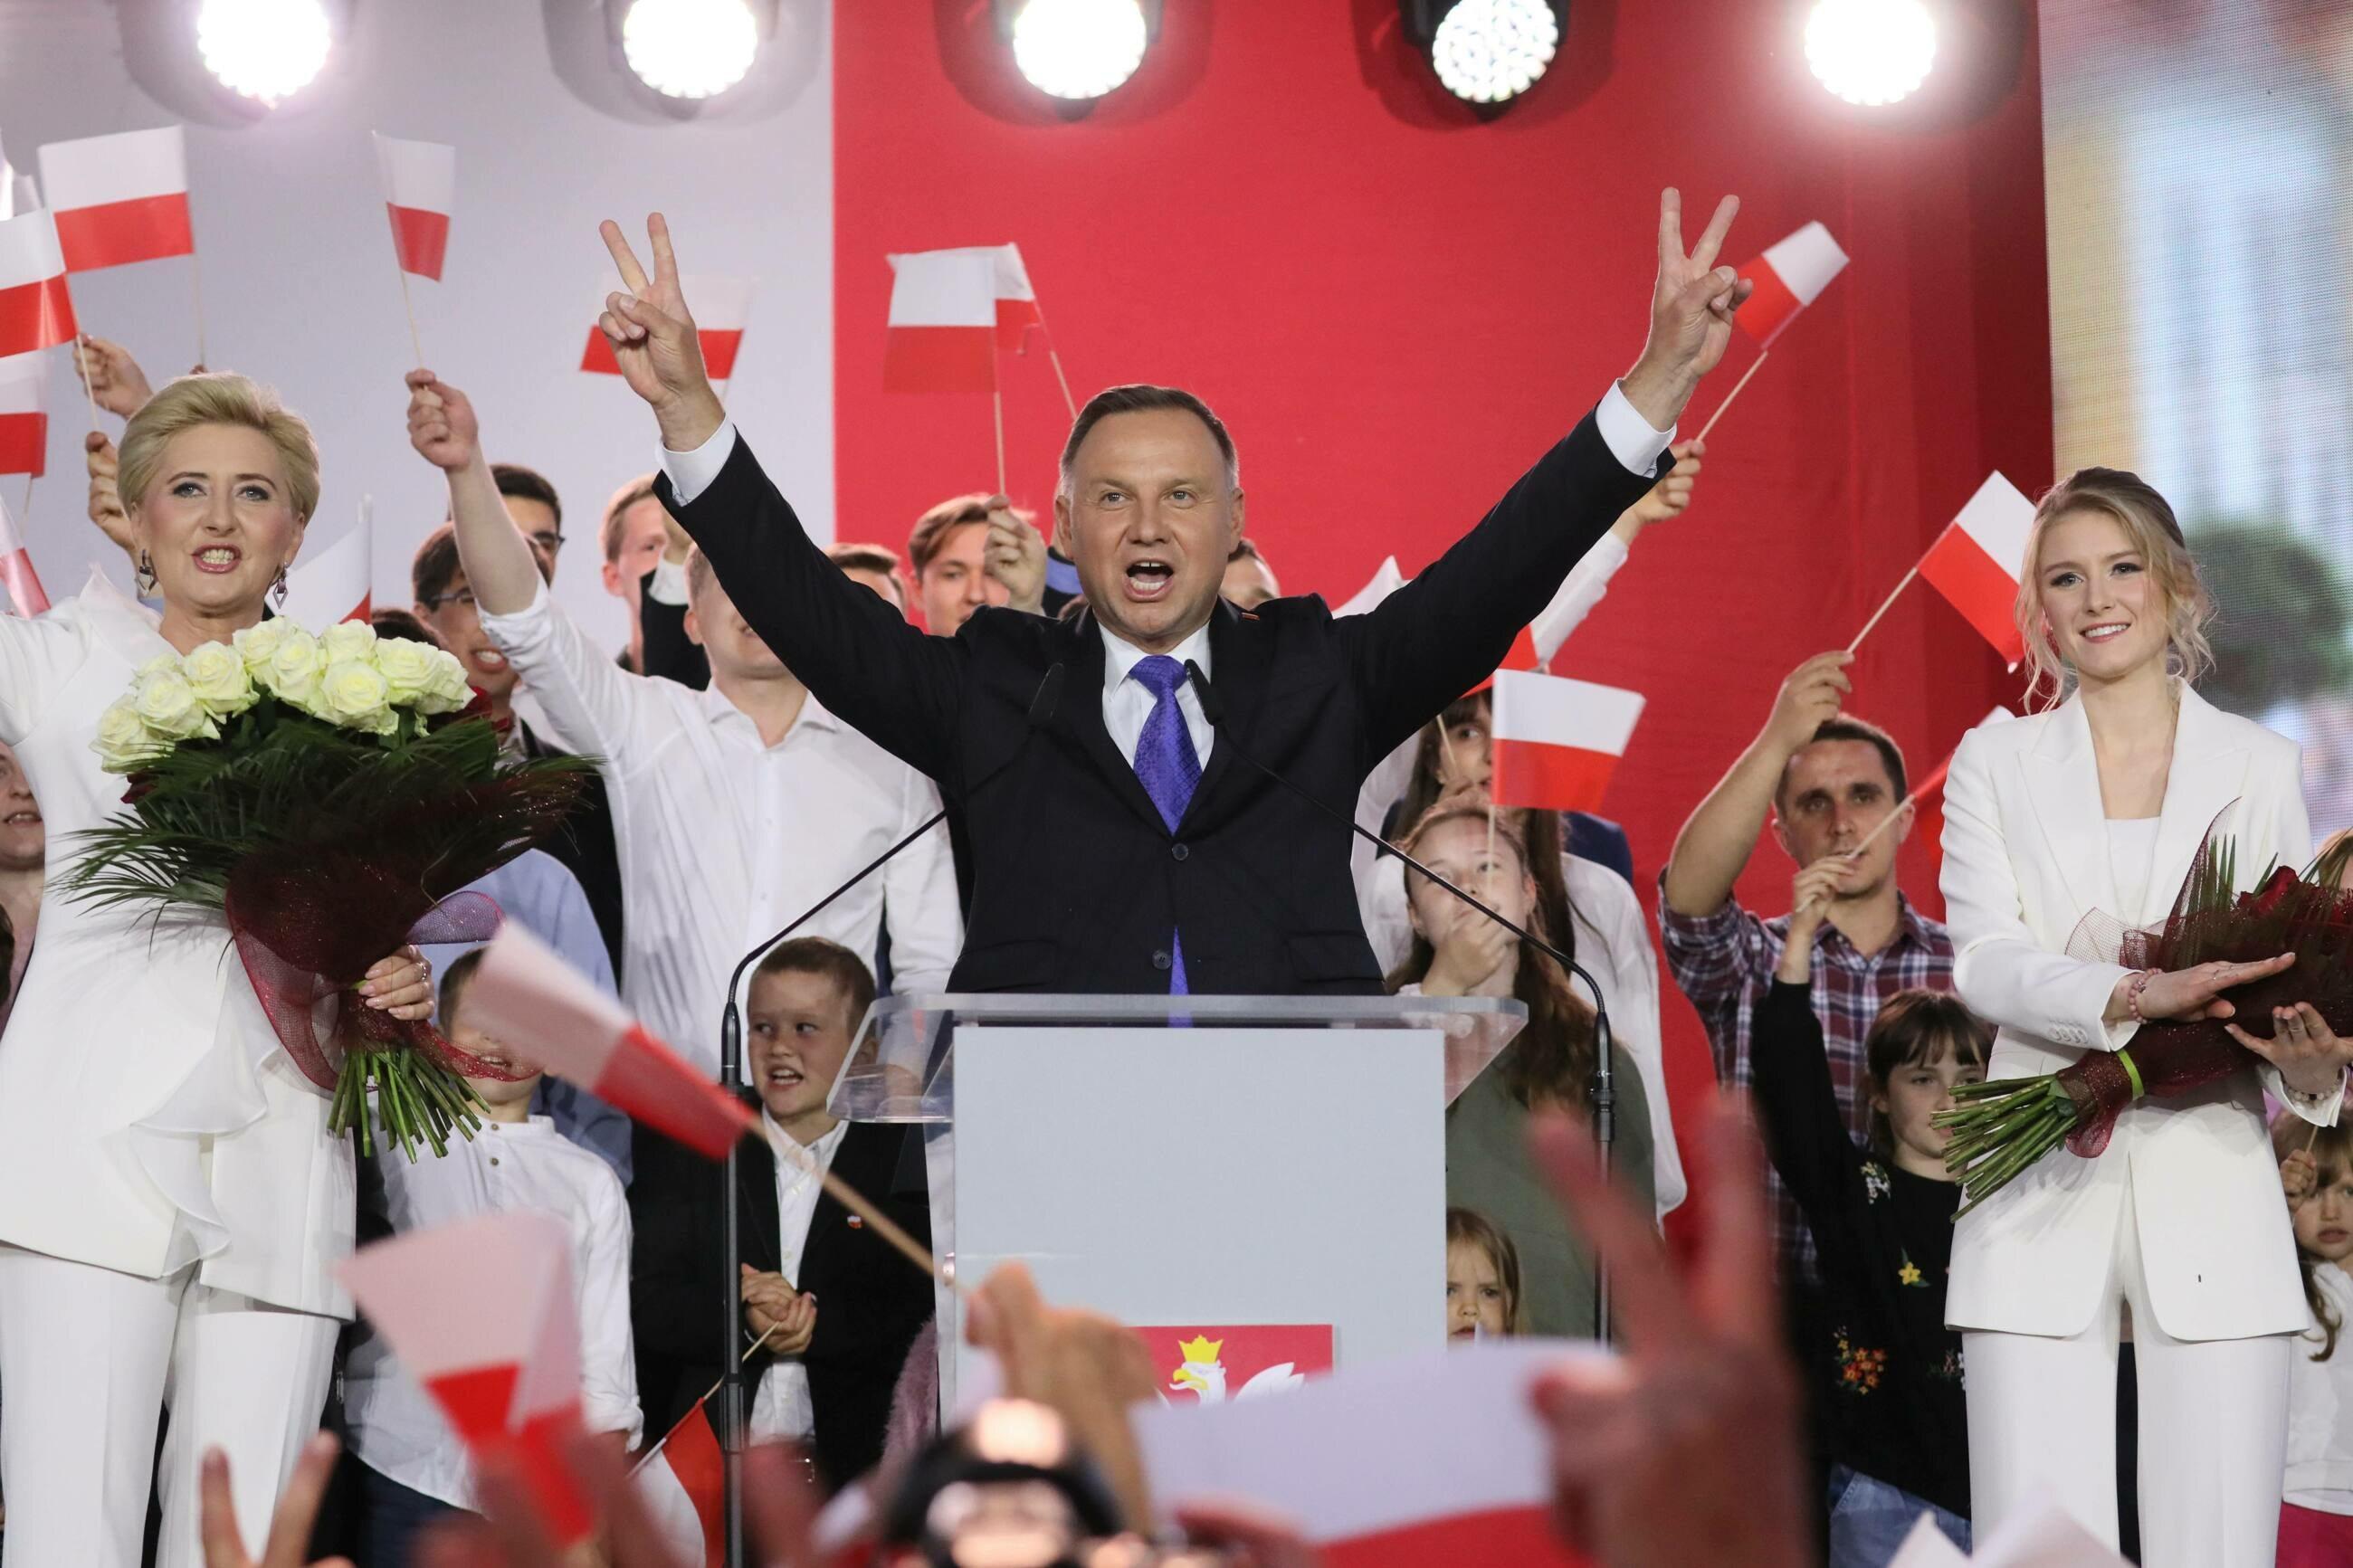 Ubiegający się o reelekcję prezydent Andrzej Duda (C) wraz z małżonką Agatą Kornhauser-Dudą (L) i córką Kingą (P) podczas wieczoru wyborczego w Pułtusku,